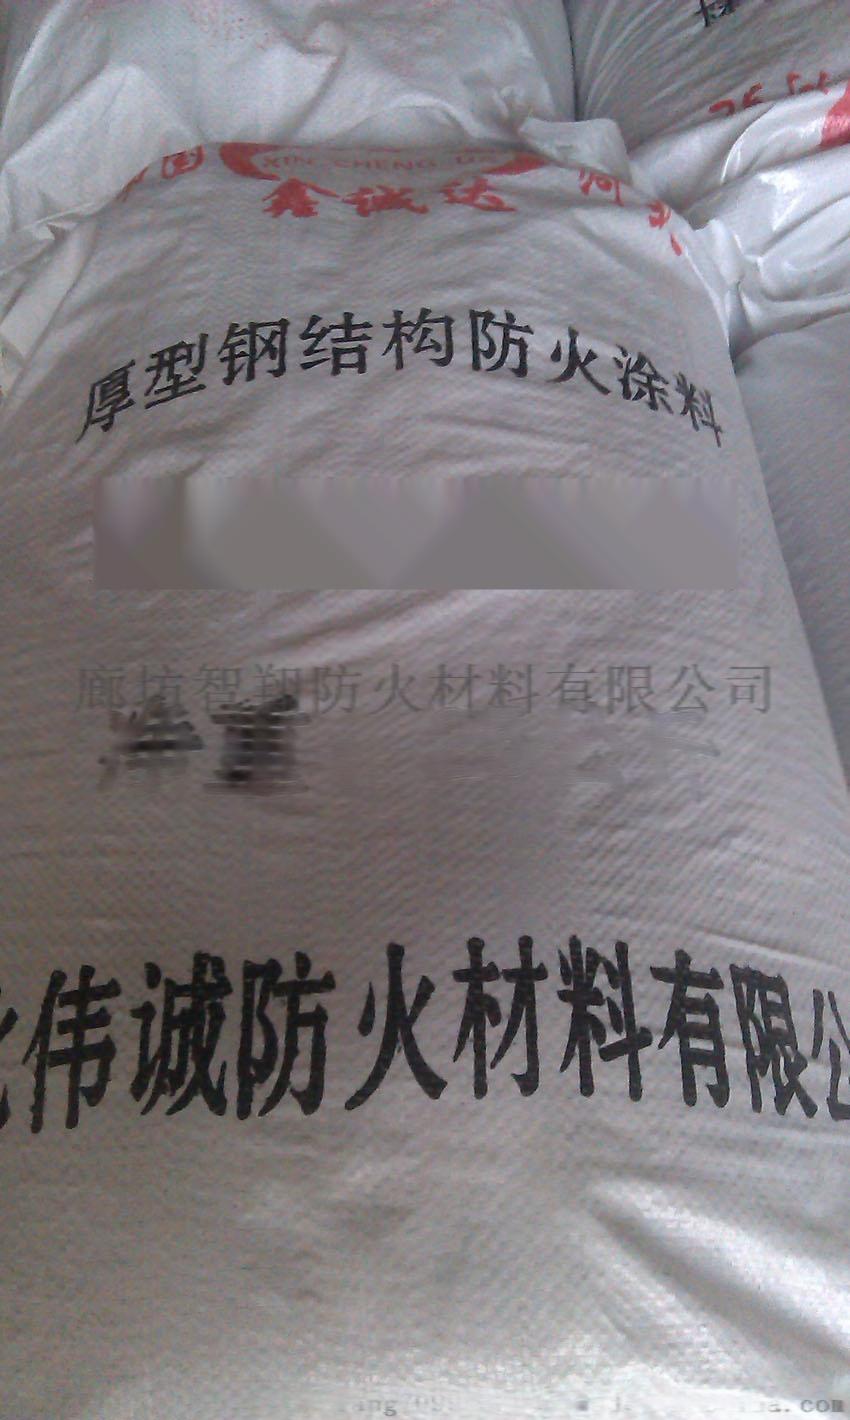 厚型粉末狀鋼結構防火塗料 滄州鋼結構防火塗料70098392